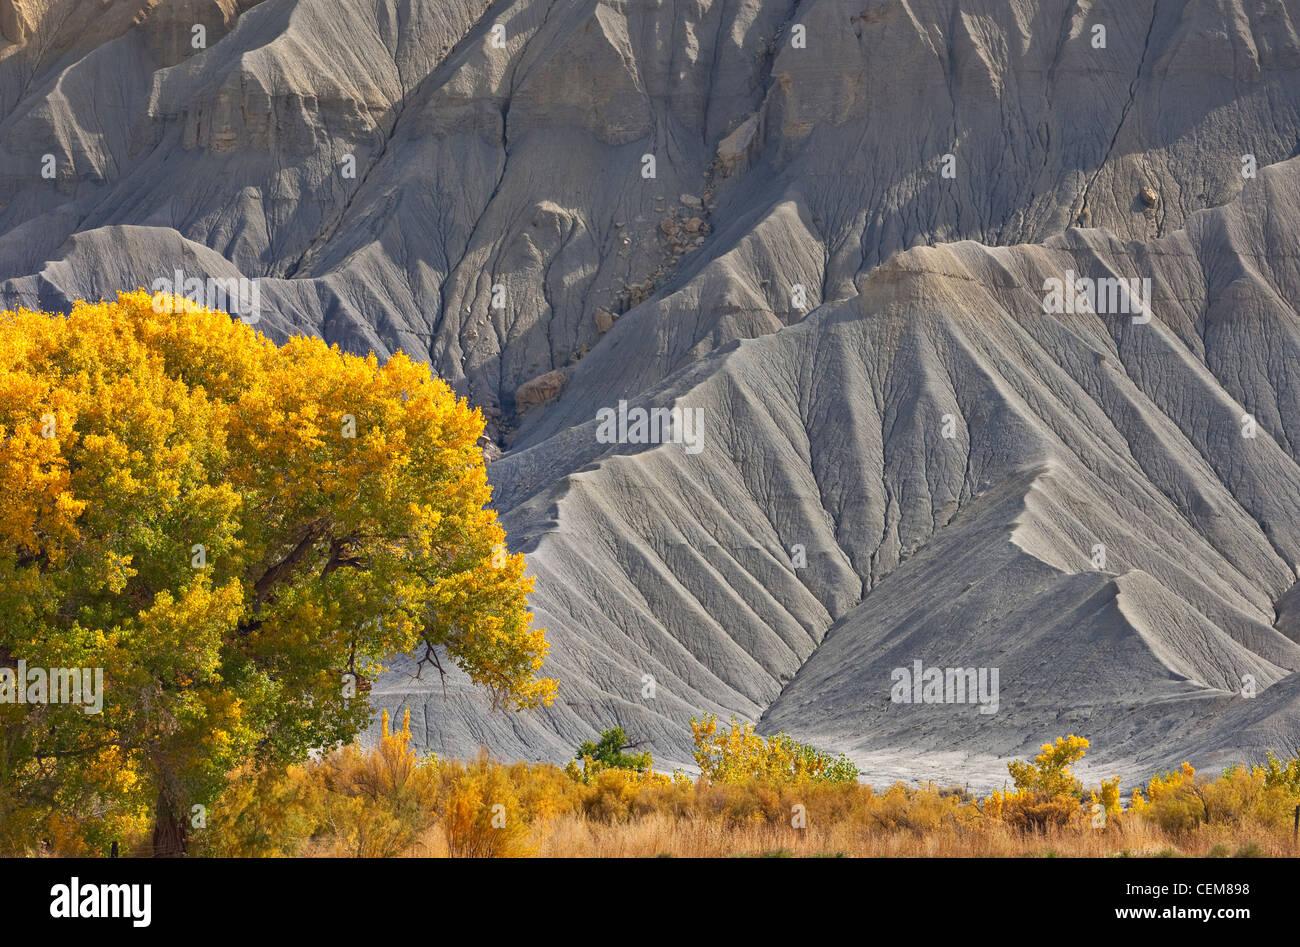 Goldene Pappel Baum und grau Klippen von Mancos Schiefer im Süden Caineville Mesa entlang Highway 24 westlich von Hanksville, Utah, USA Stockfoto